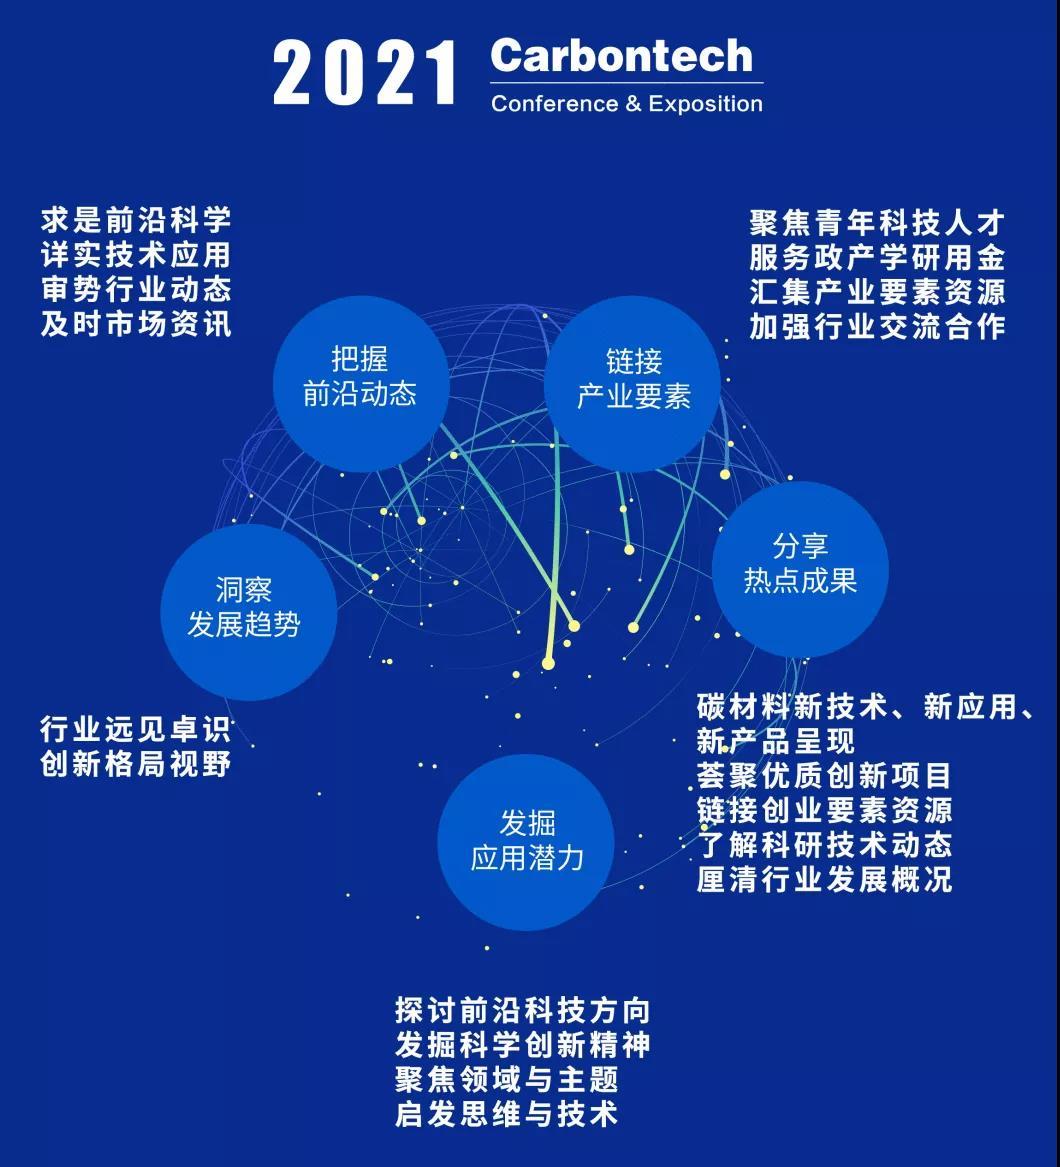 第六届国际碳材料大会暨产业展览会(Carbontech 2021)